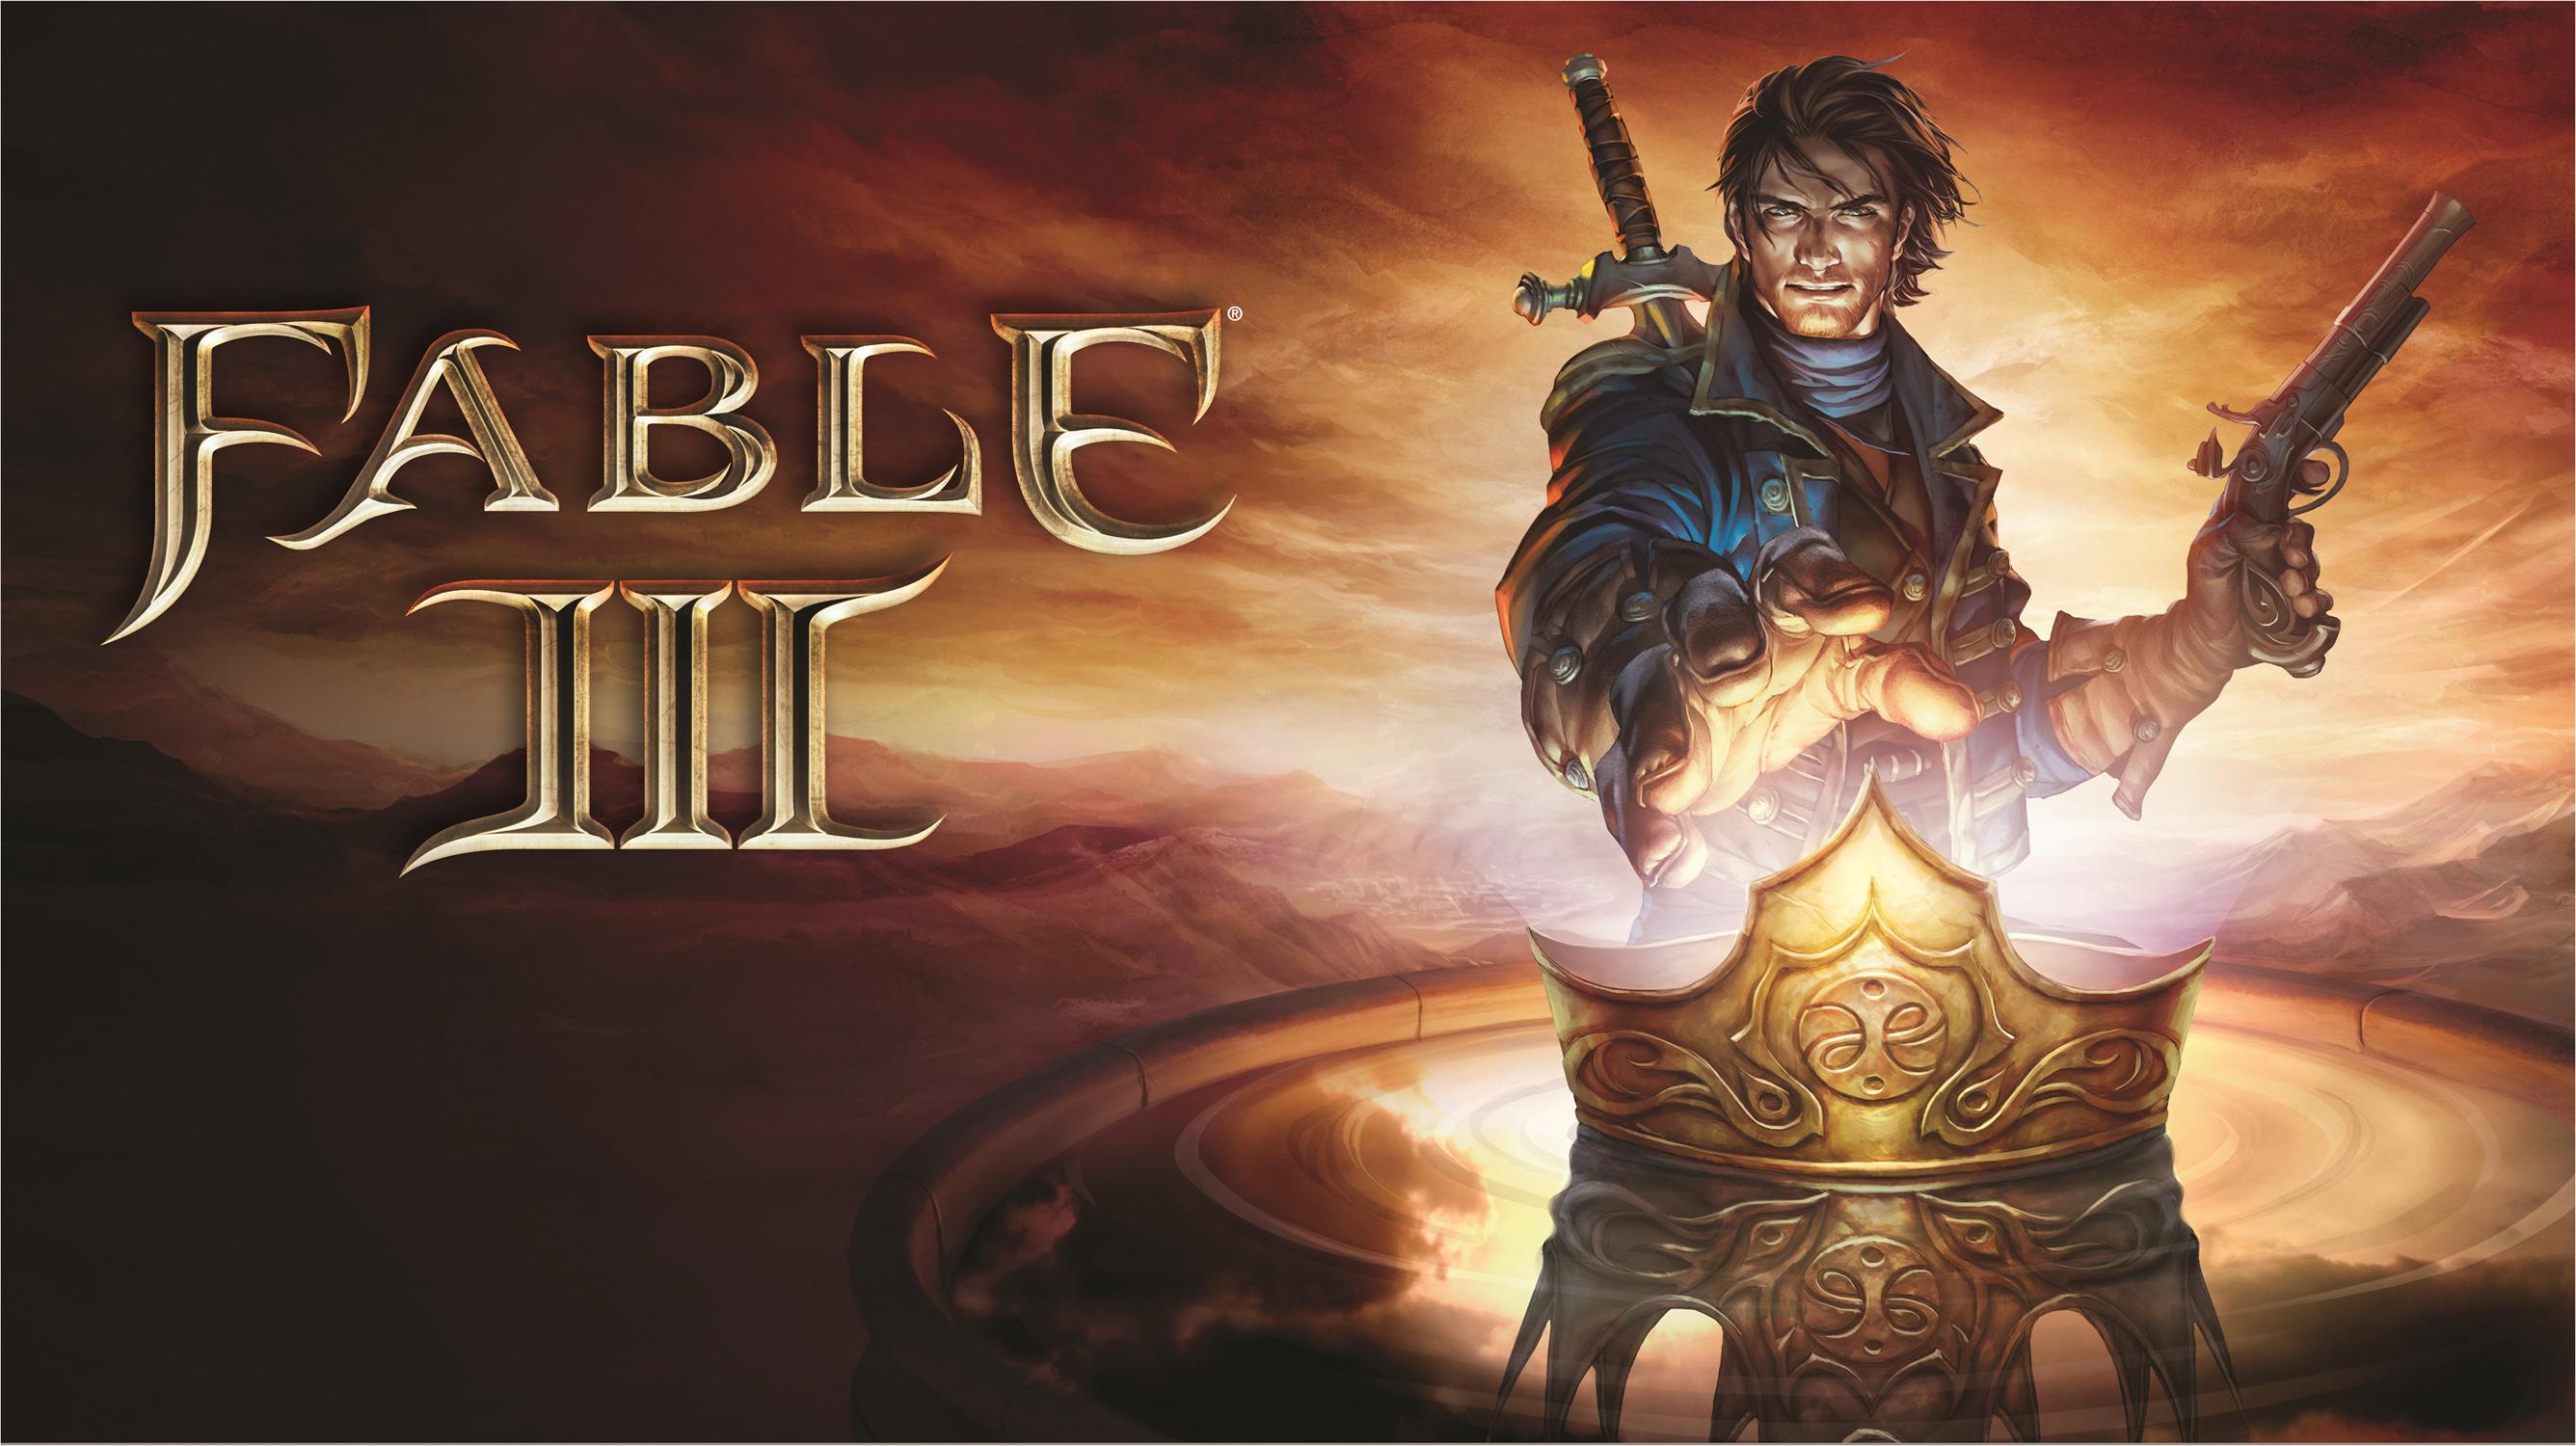 Los requerimientos de Fable III para PC son… [Requerimientos]